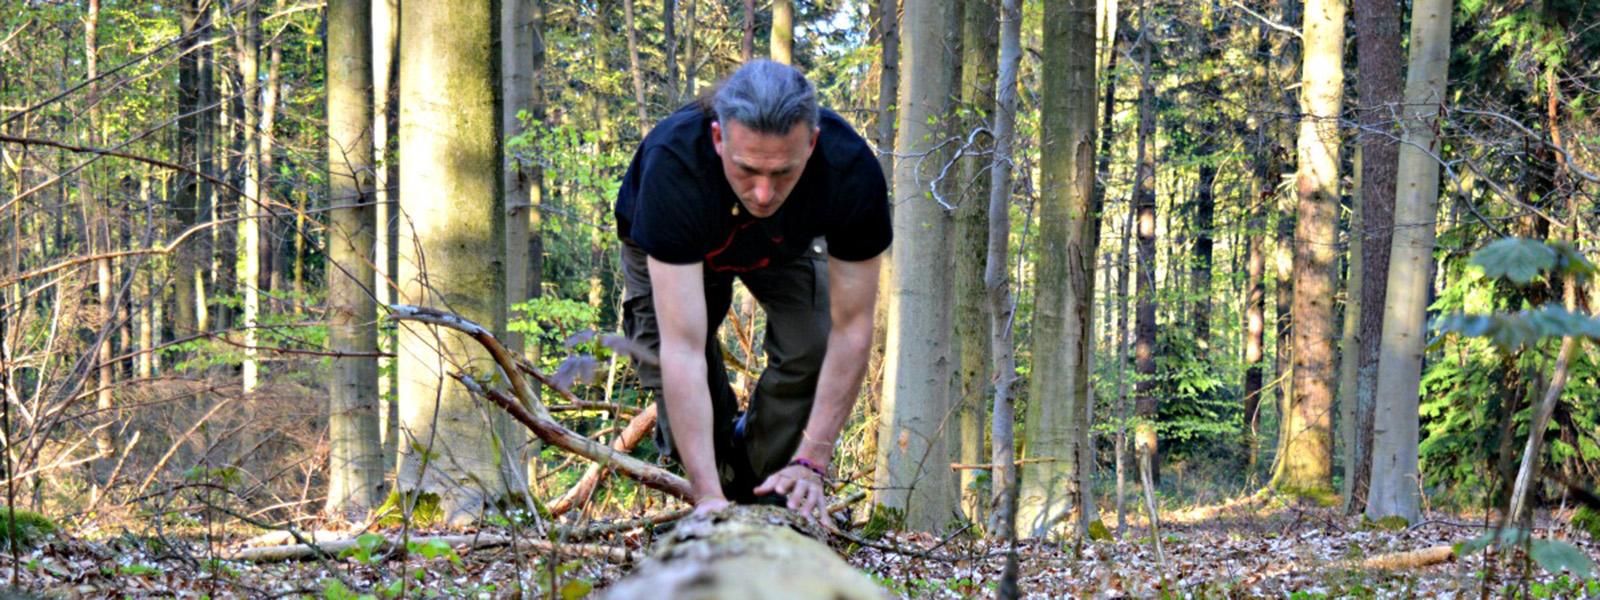 Rewilding in the woods